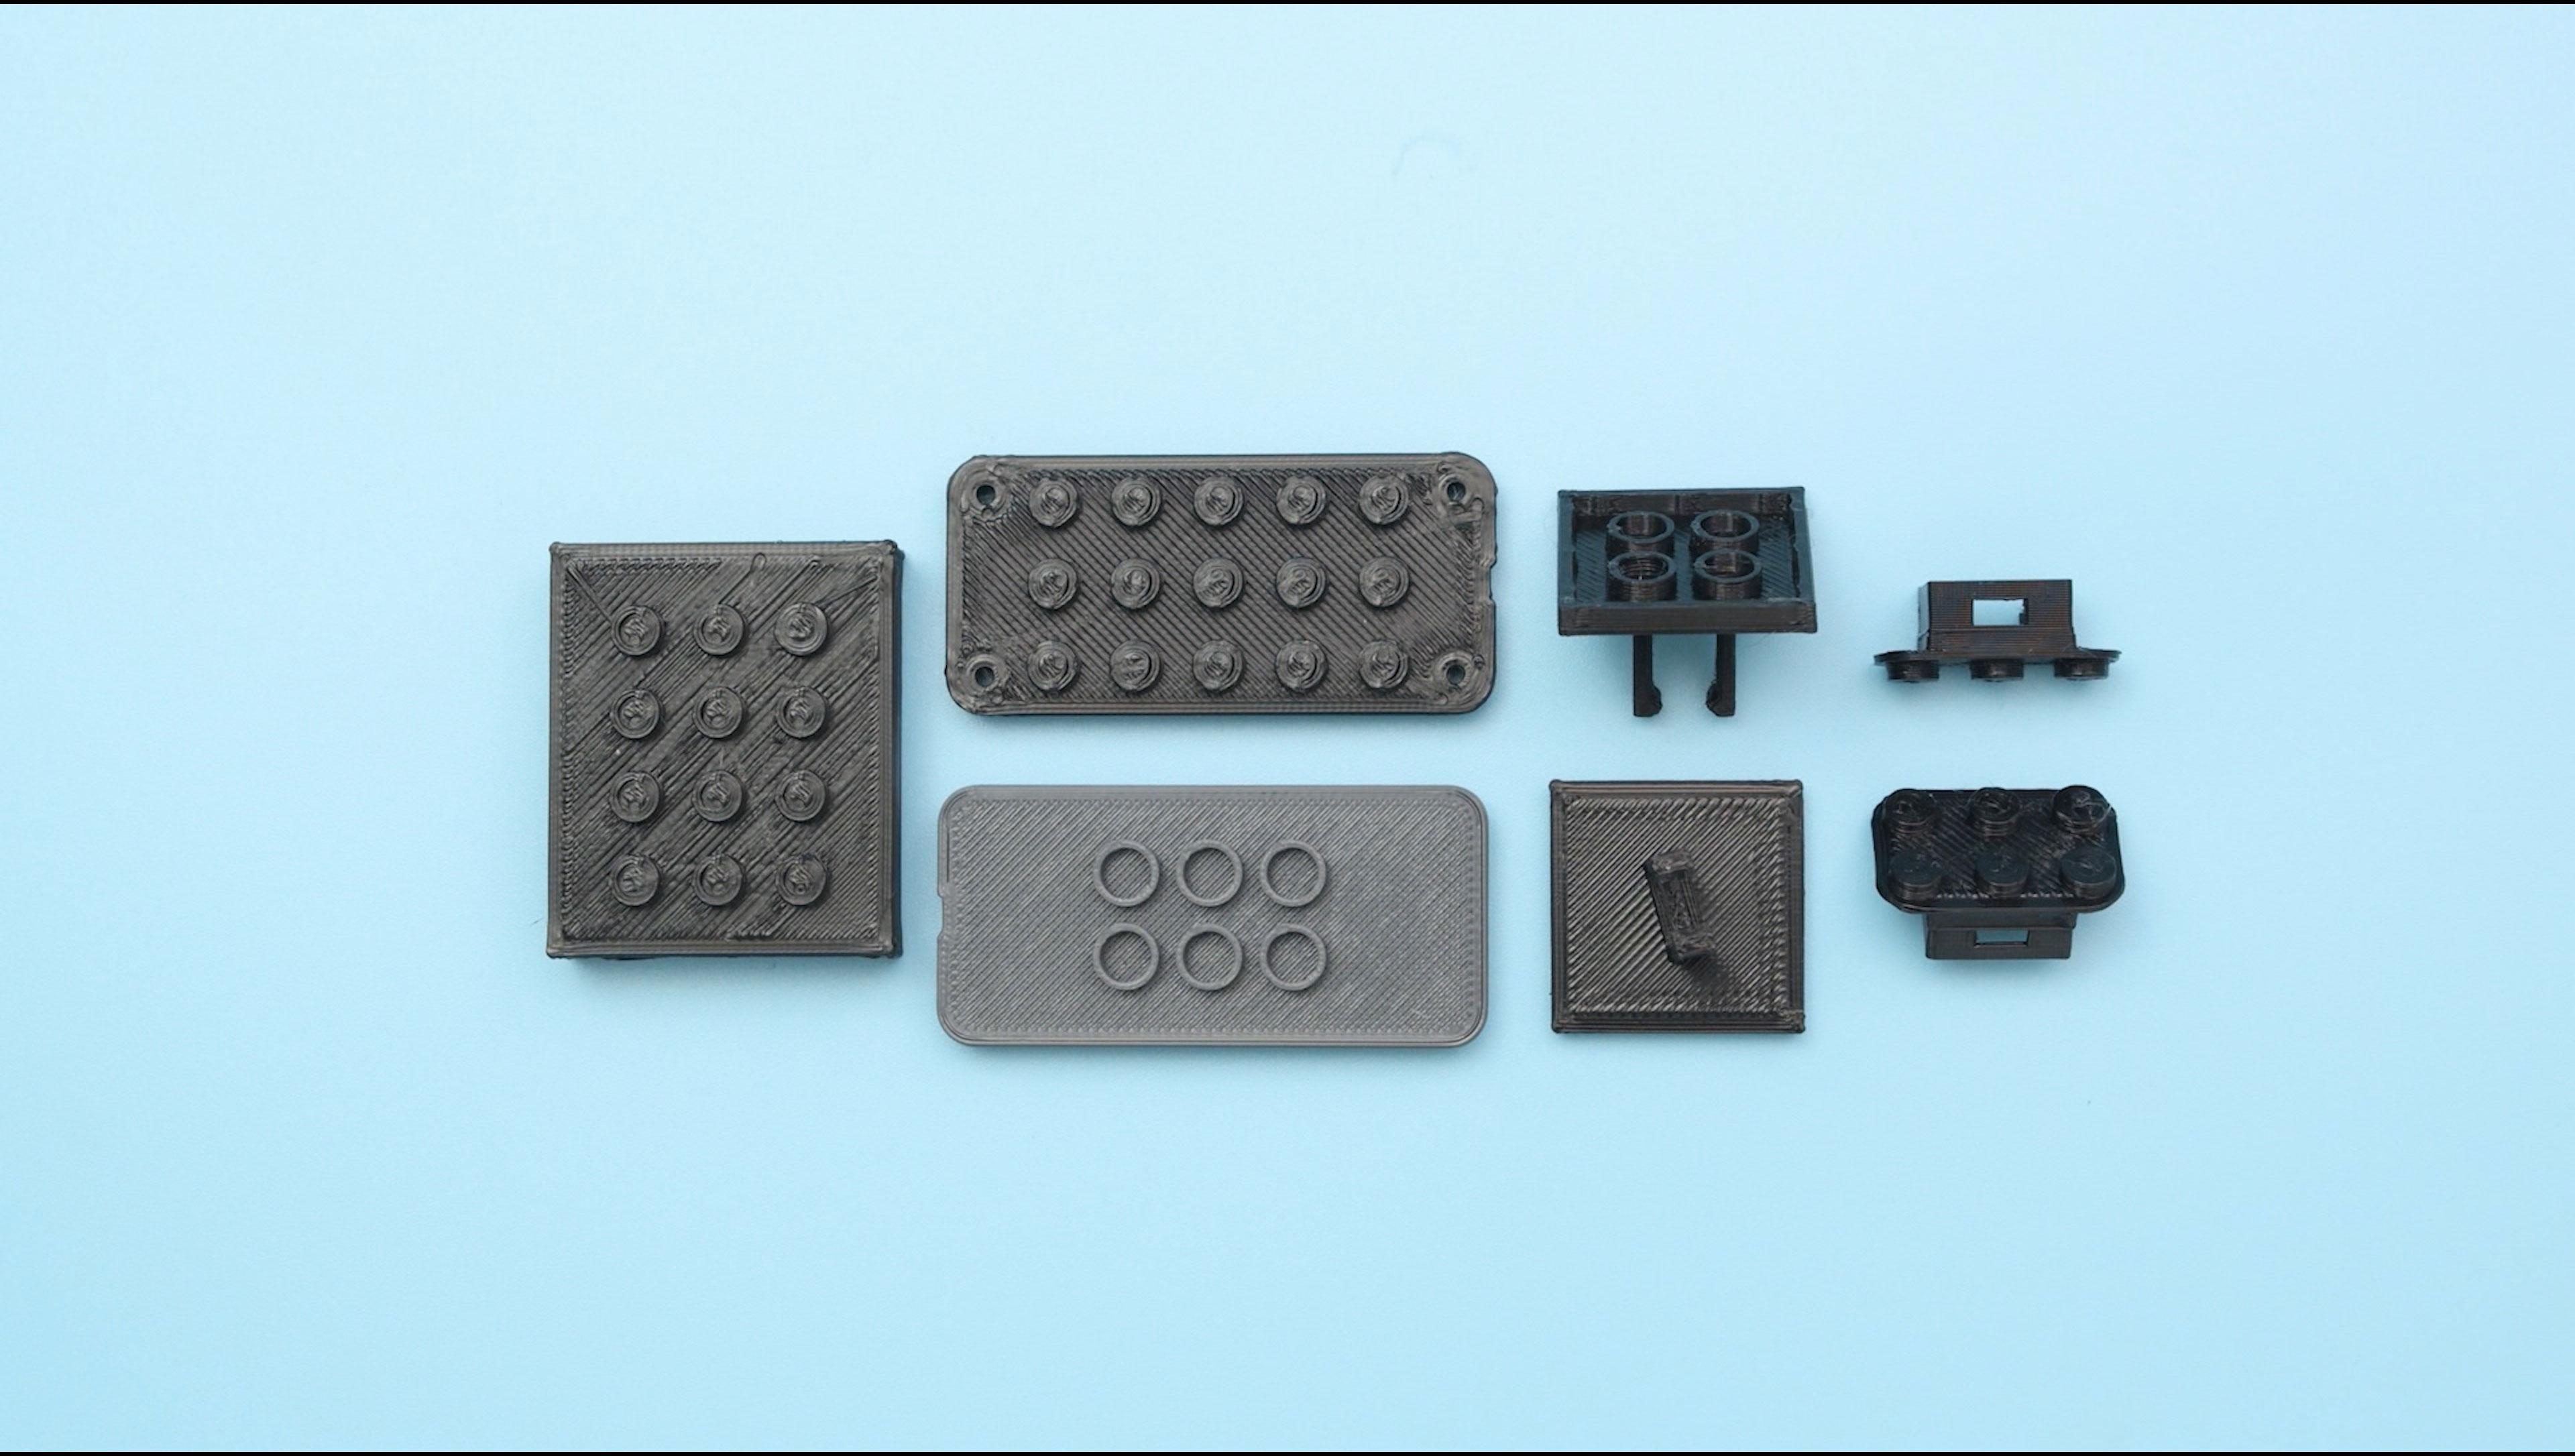 leds_3d-parts-2.jpg